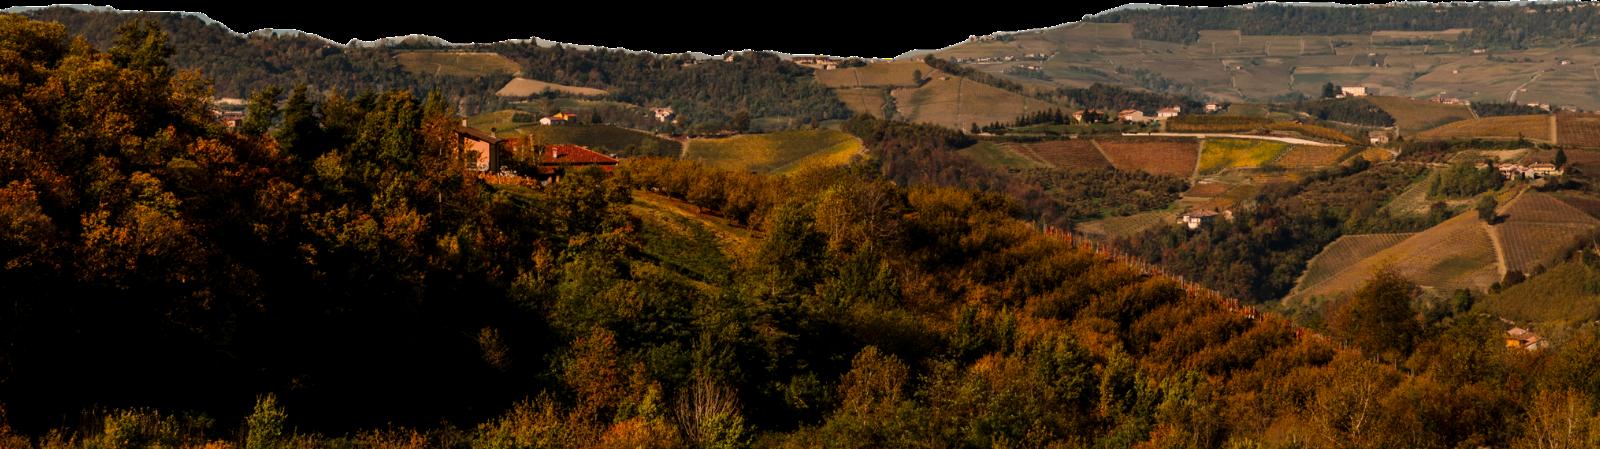 casadilanga hills shorter